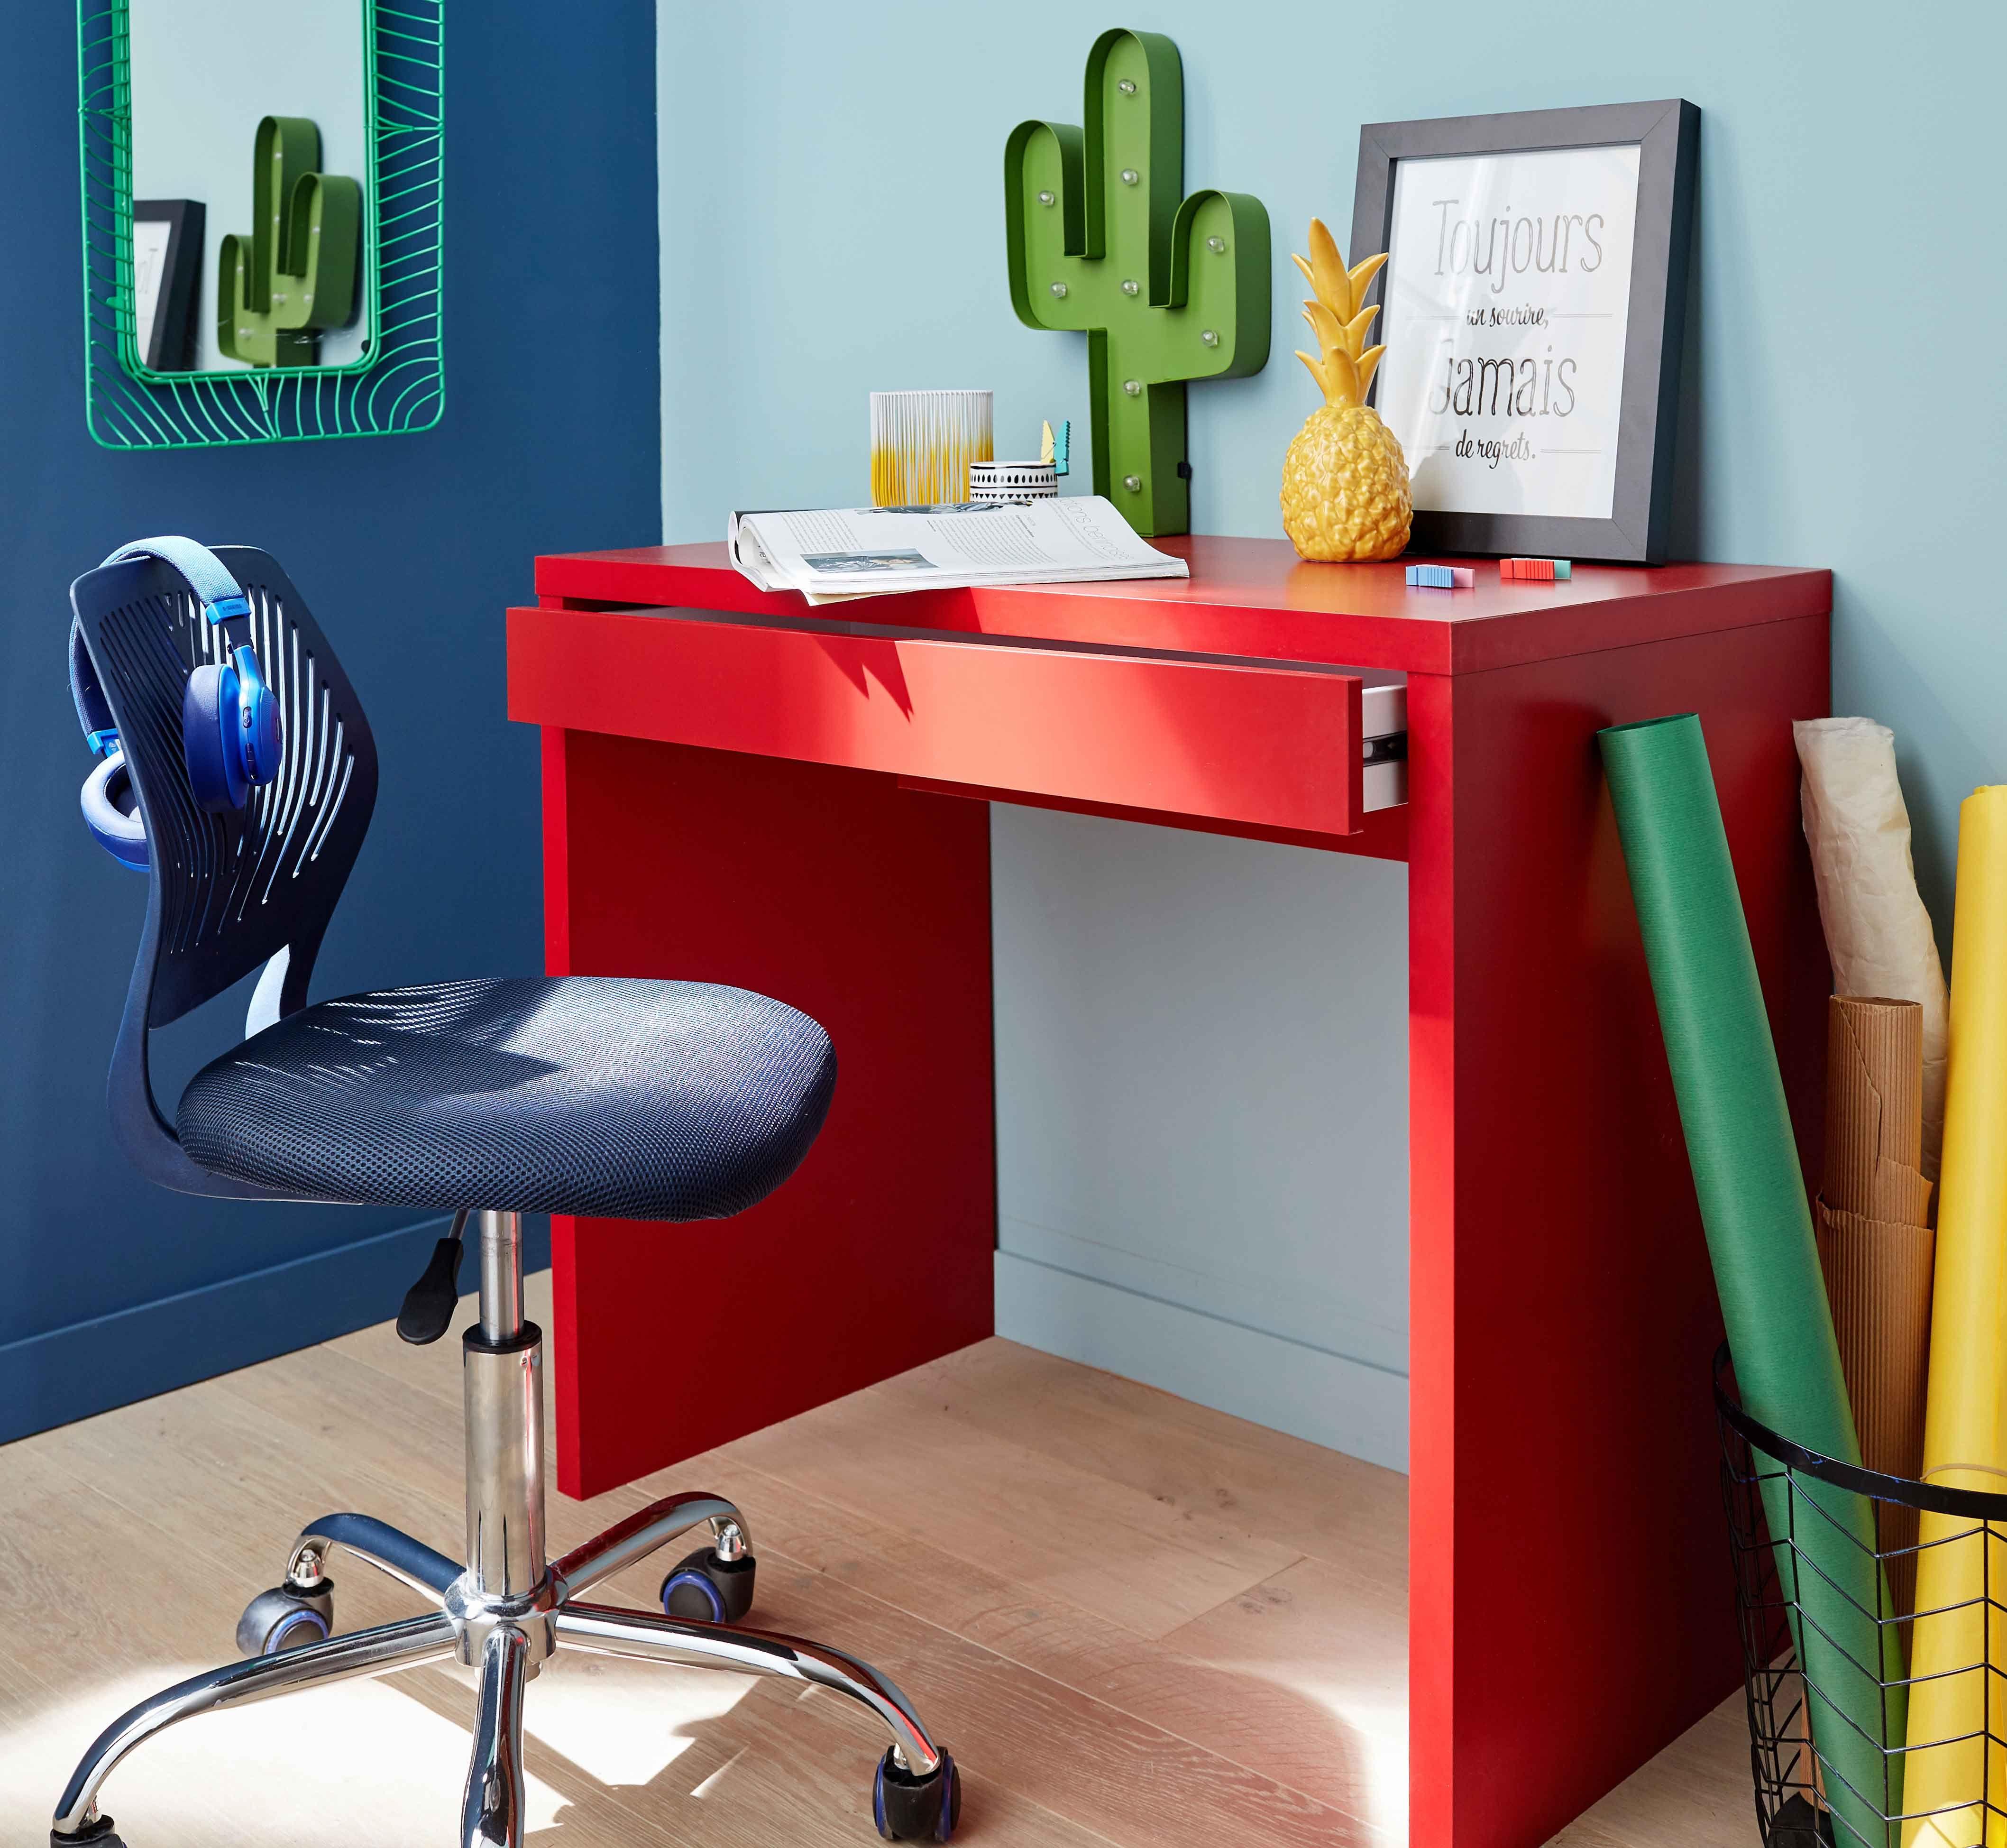 55d50d76ea8149fc79cb6cae752576af Incroyable De Ikea Table Bureau Concept